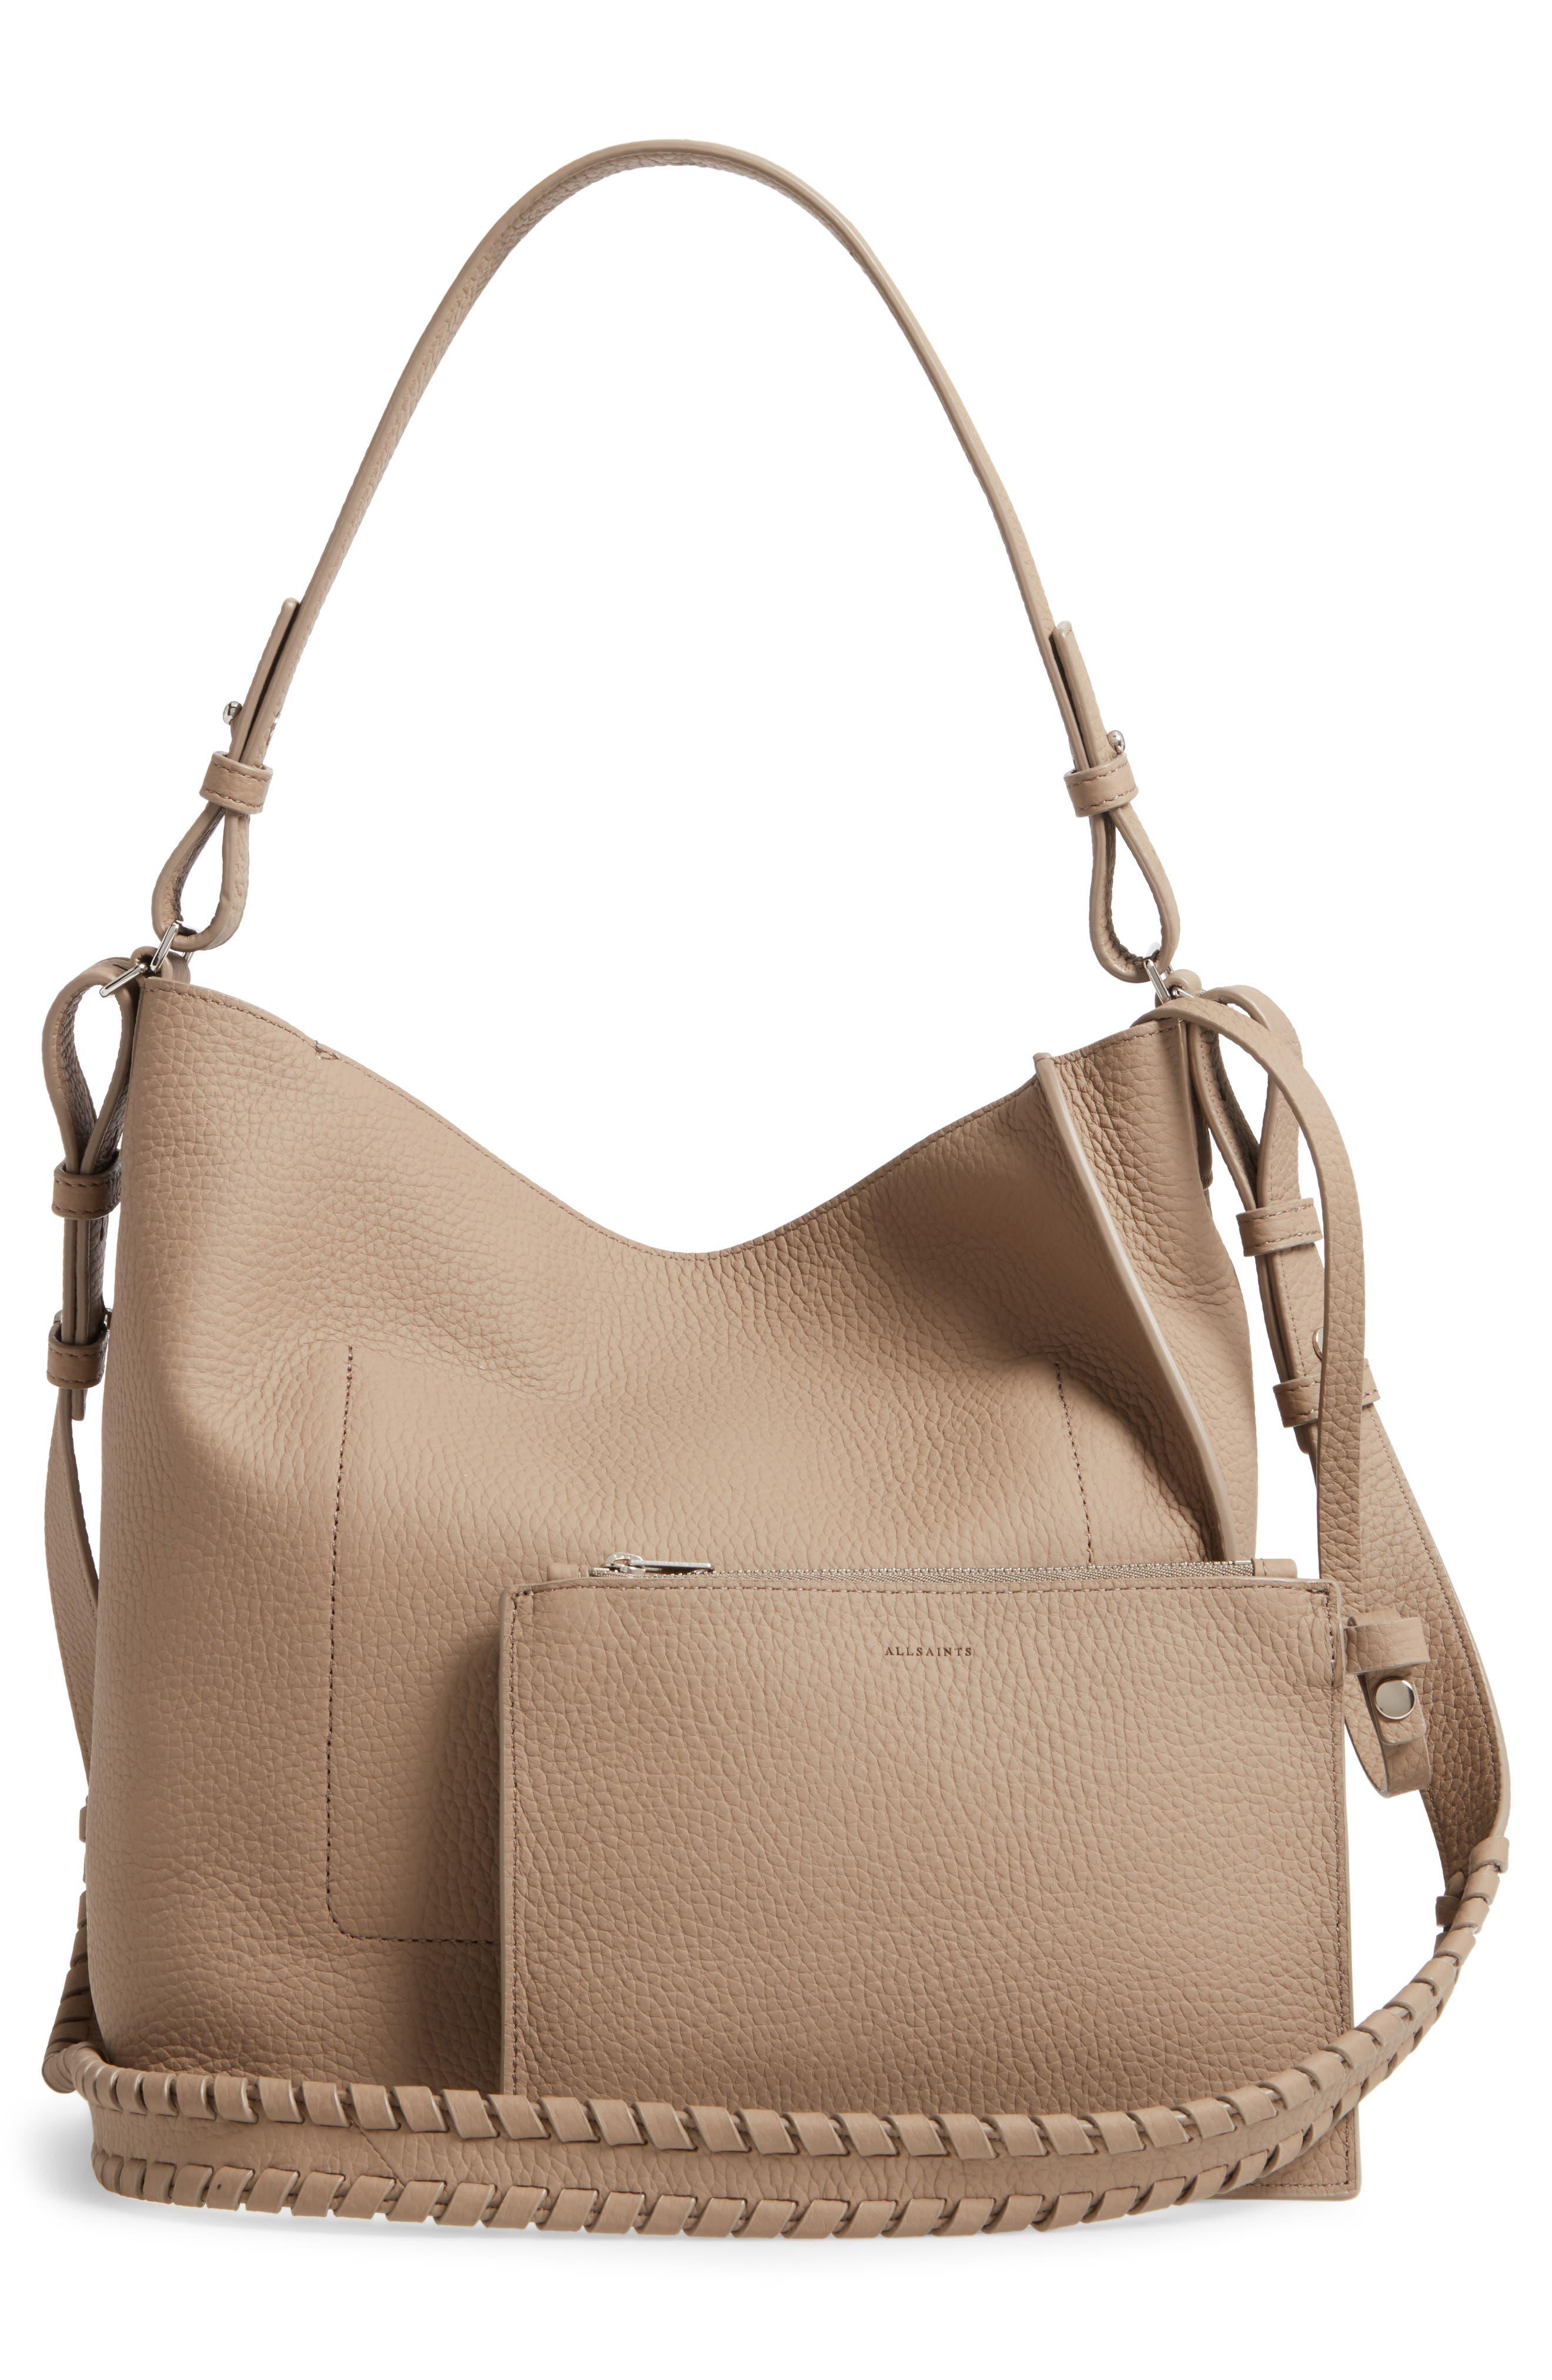 Medium Crossbody Bags Nordstrom